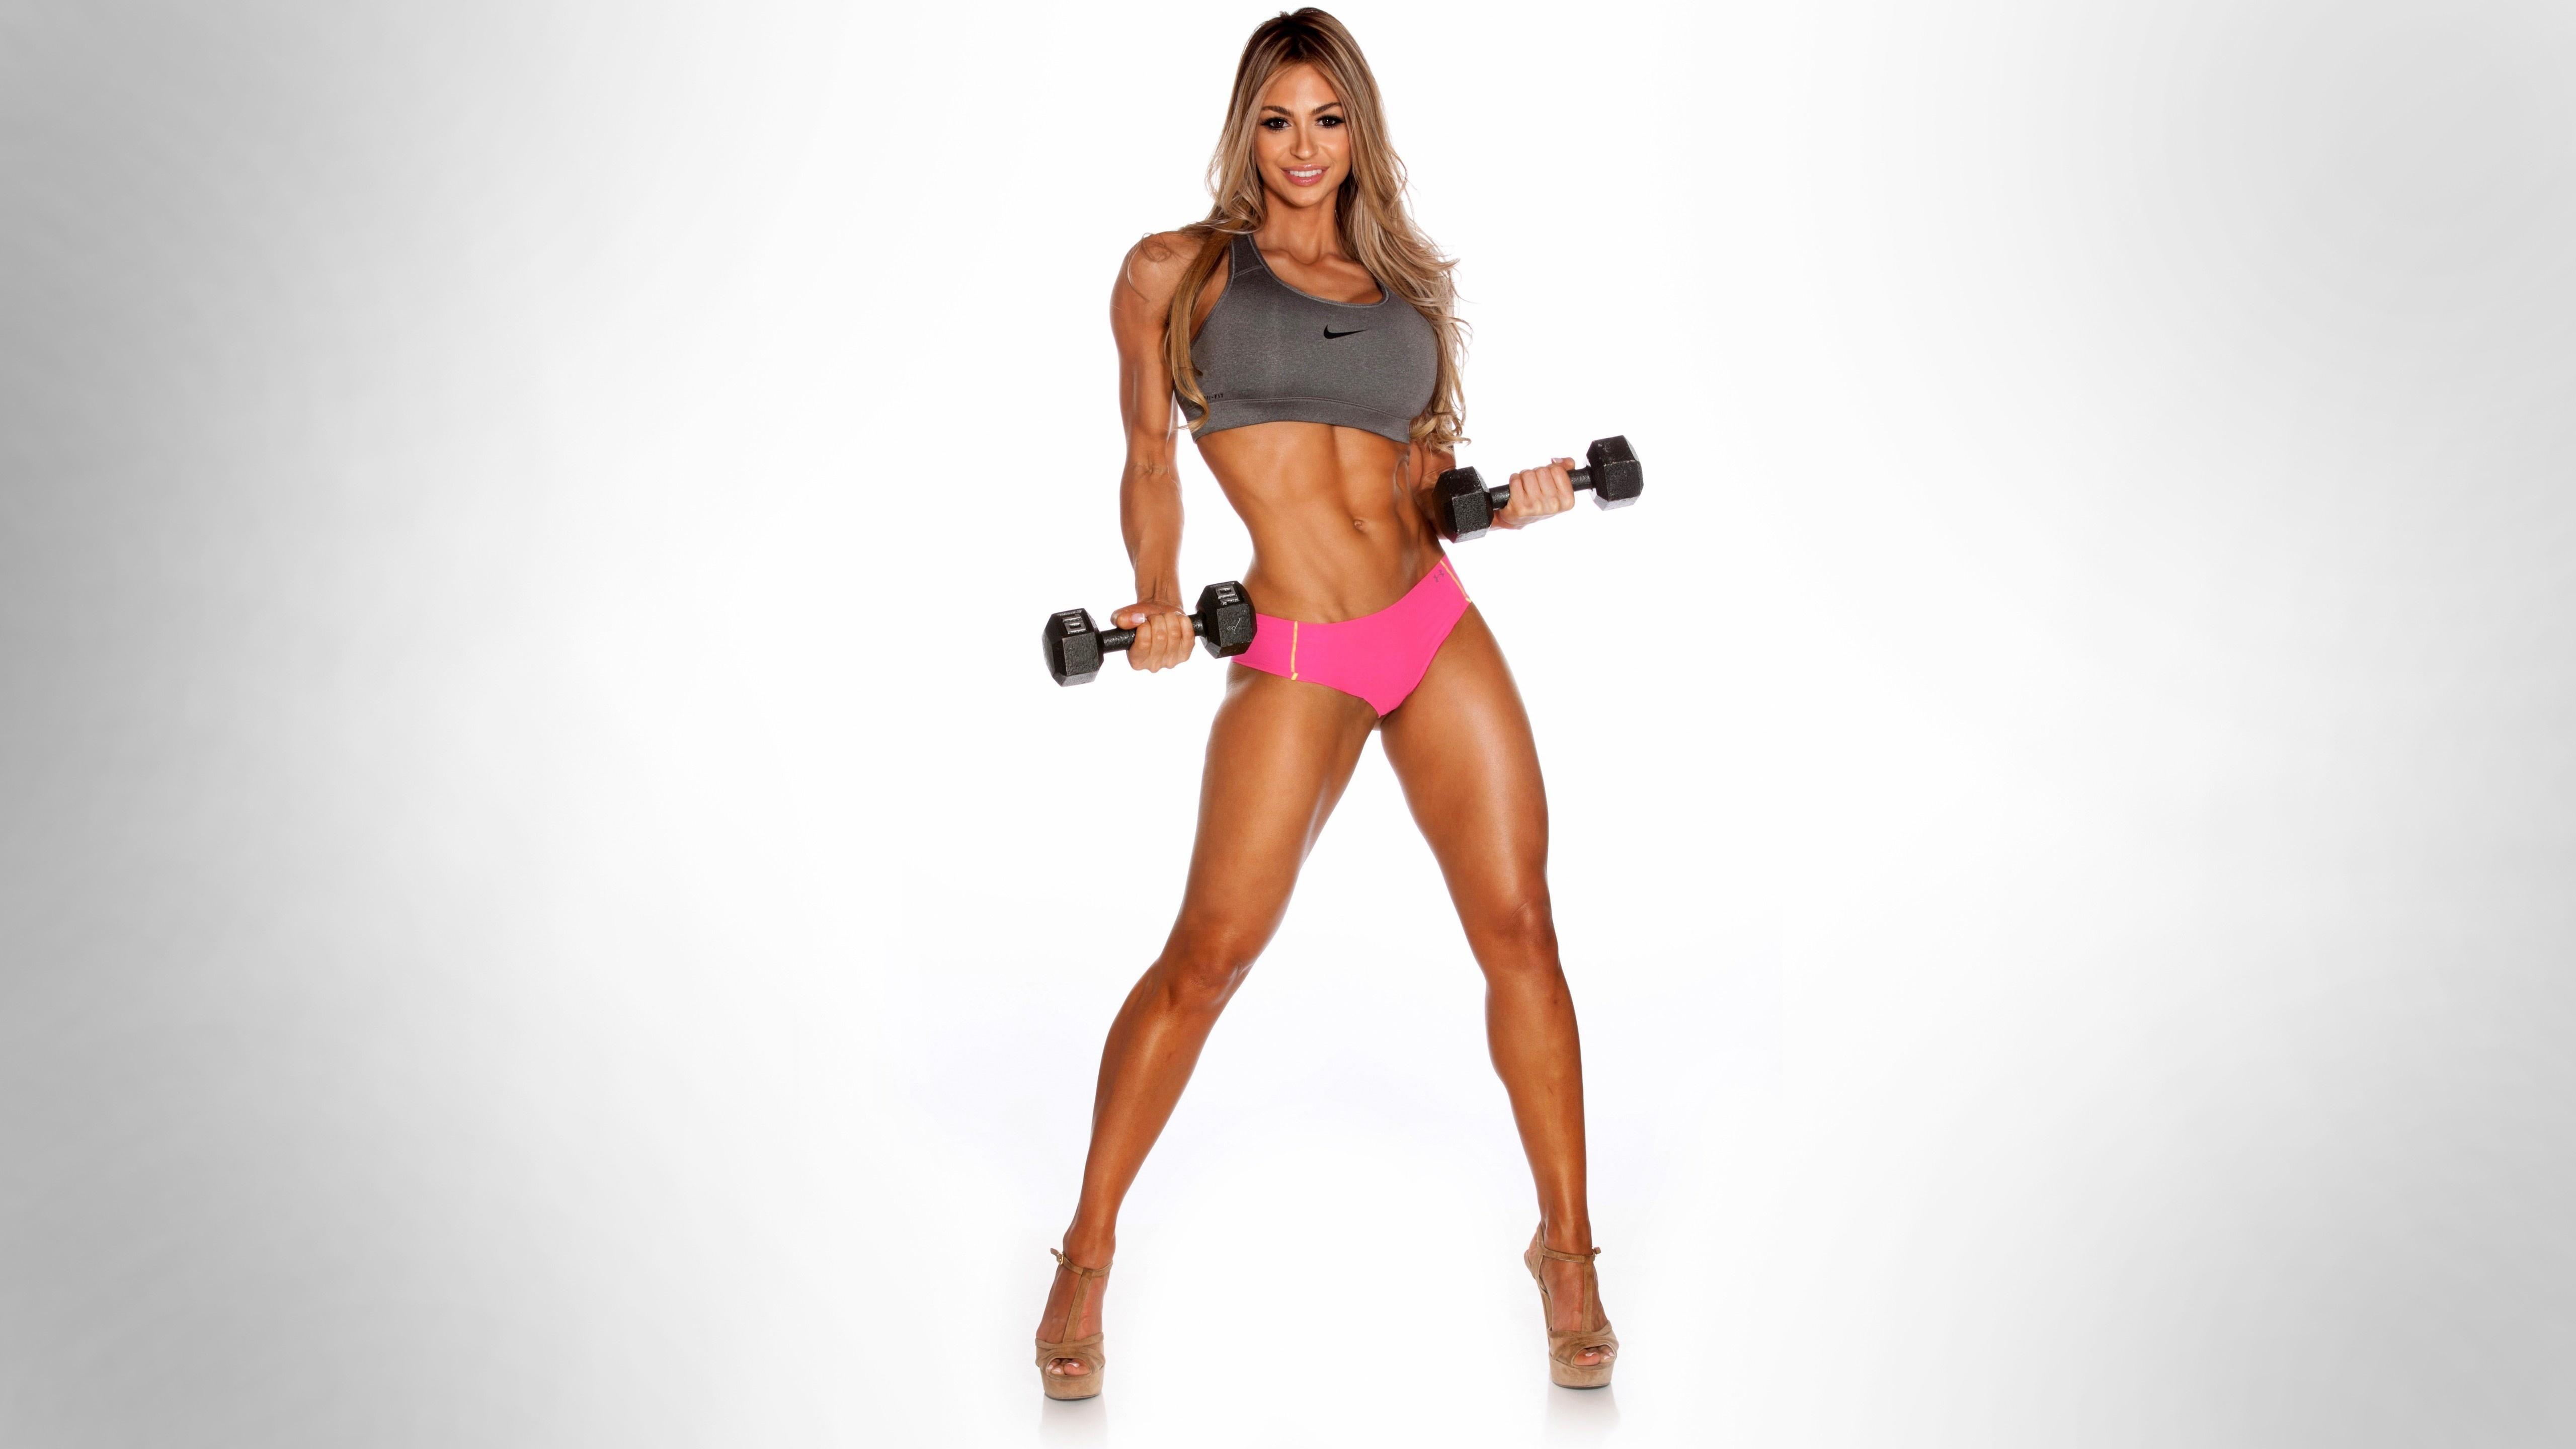 Картинка: Девушка, фитнесс, модель, Laura Michelle Prestin, гантели, стройная, фигура